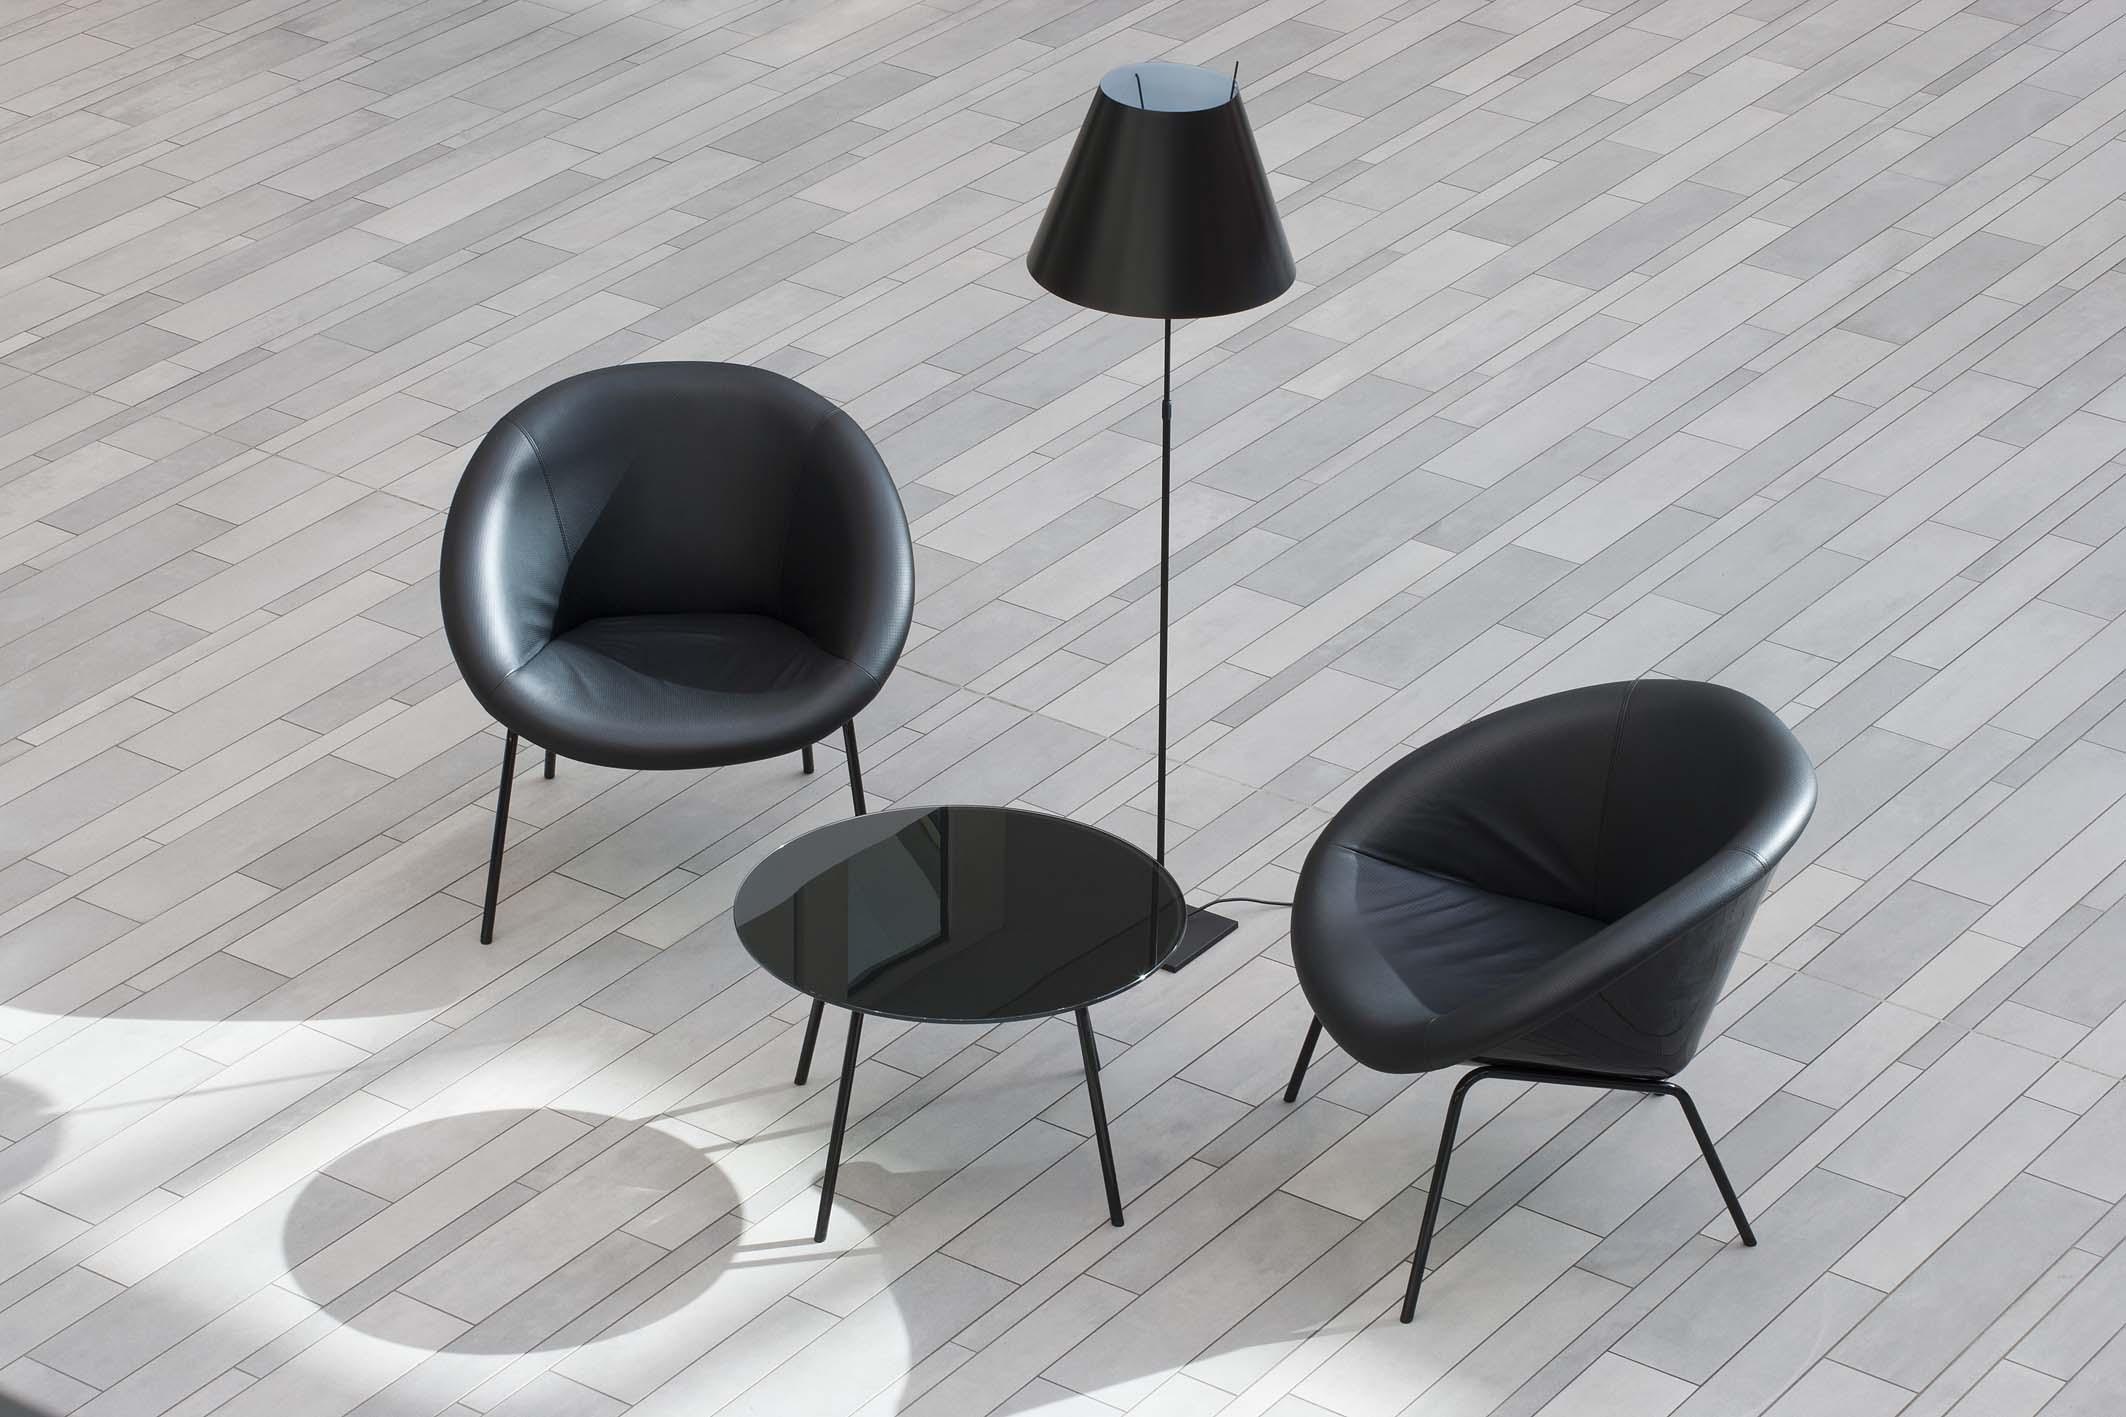 SAKRET Referenz Sparkasse Schwerte Fliesen Stühle